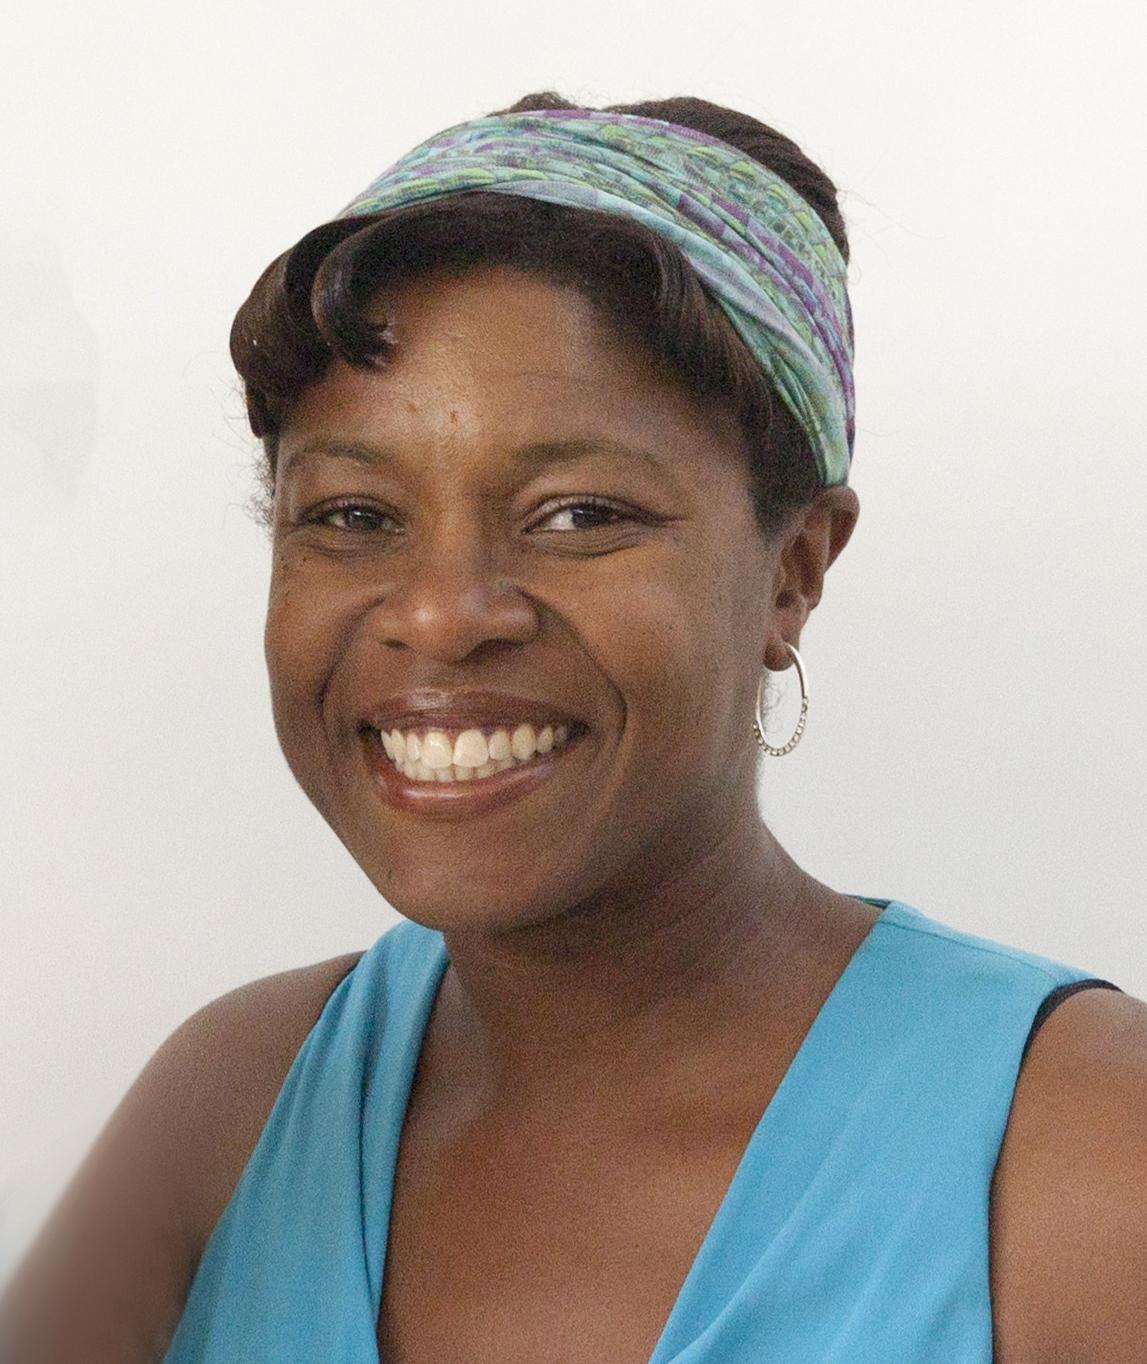 Tanya Keenan. Photo courtesy of Mount Mary University.